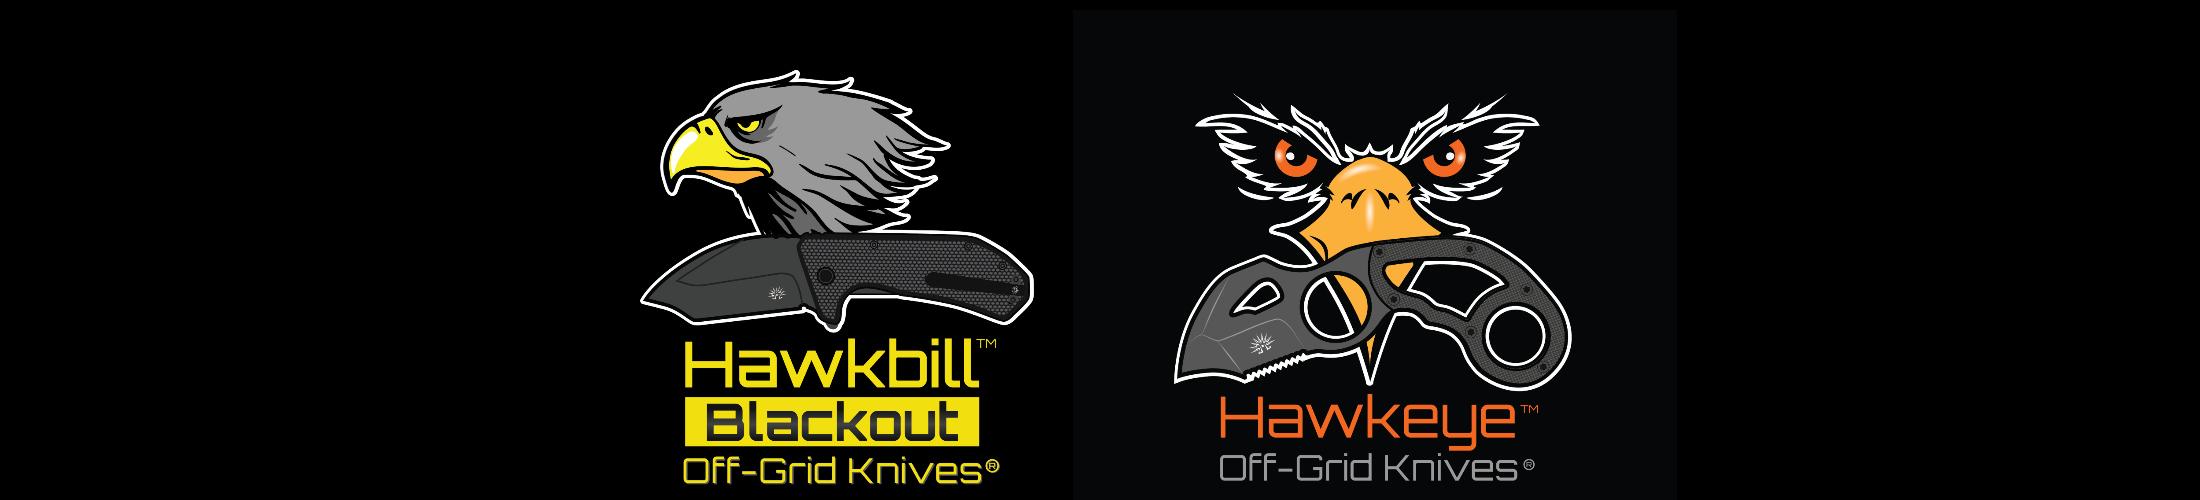 hawkbill-banner-test-2200x500.jpg